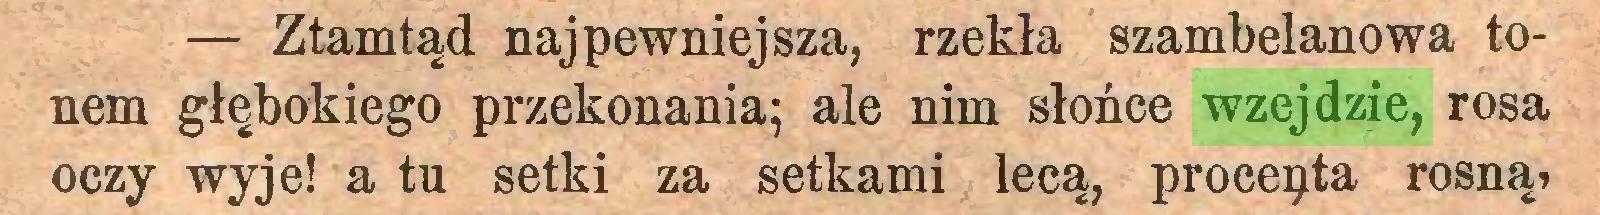 (...) — Ztamtąd najpewniejsza, rzekła szambelanowa tonem głębokiego przekonania; ale nim słońce wzejdzie, rosa oczy wyje! a tu setki za setkami lecą, procepta rosną?...